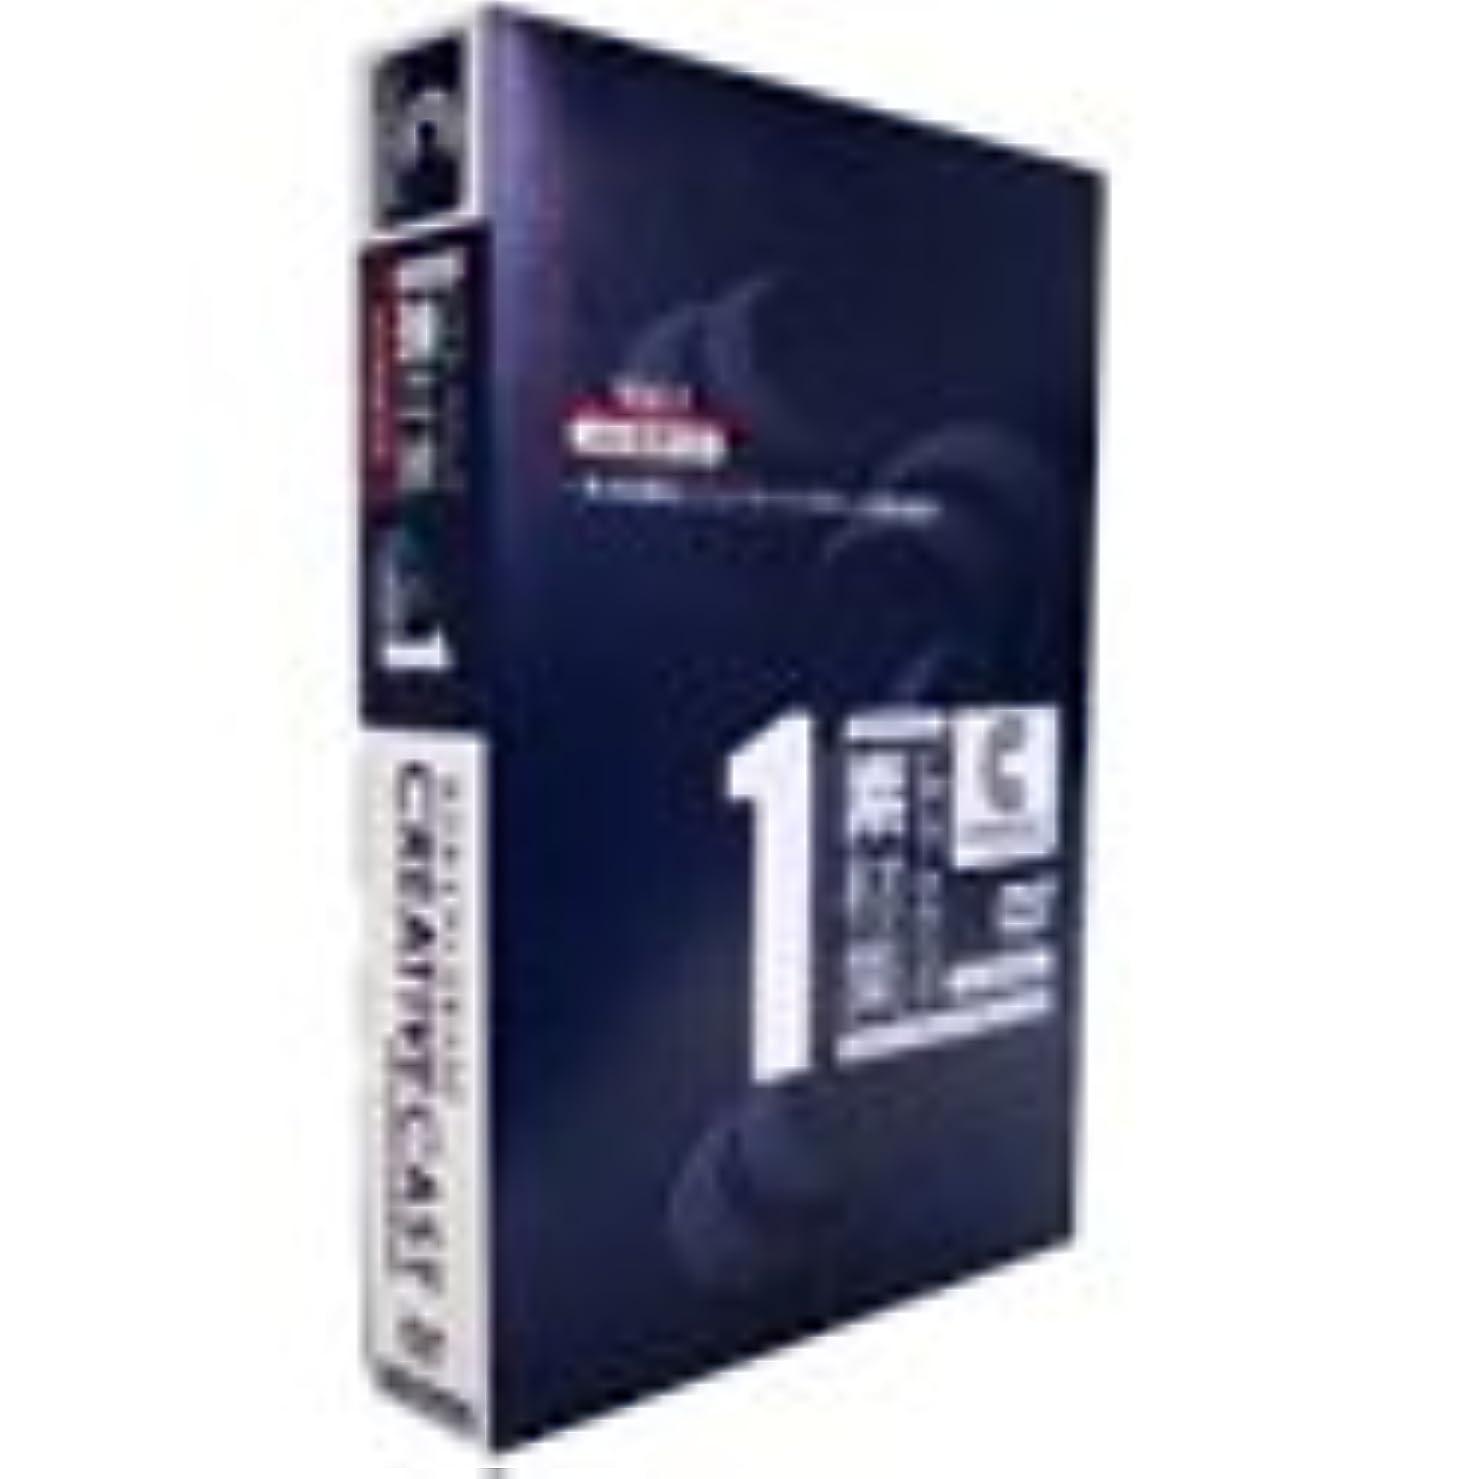 バーマド挑む口頭CREATIVECAST プロフェッショナル for Windows Vol.1 メトロポリス